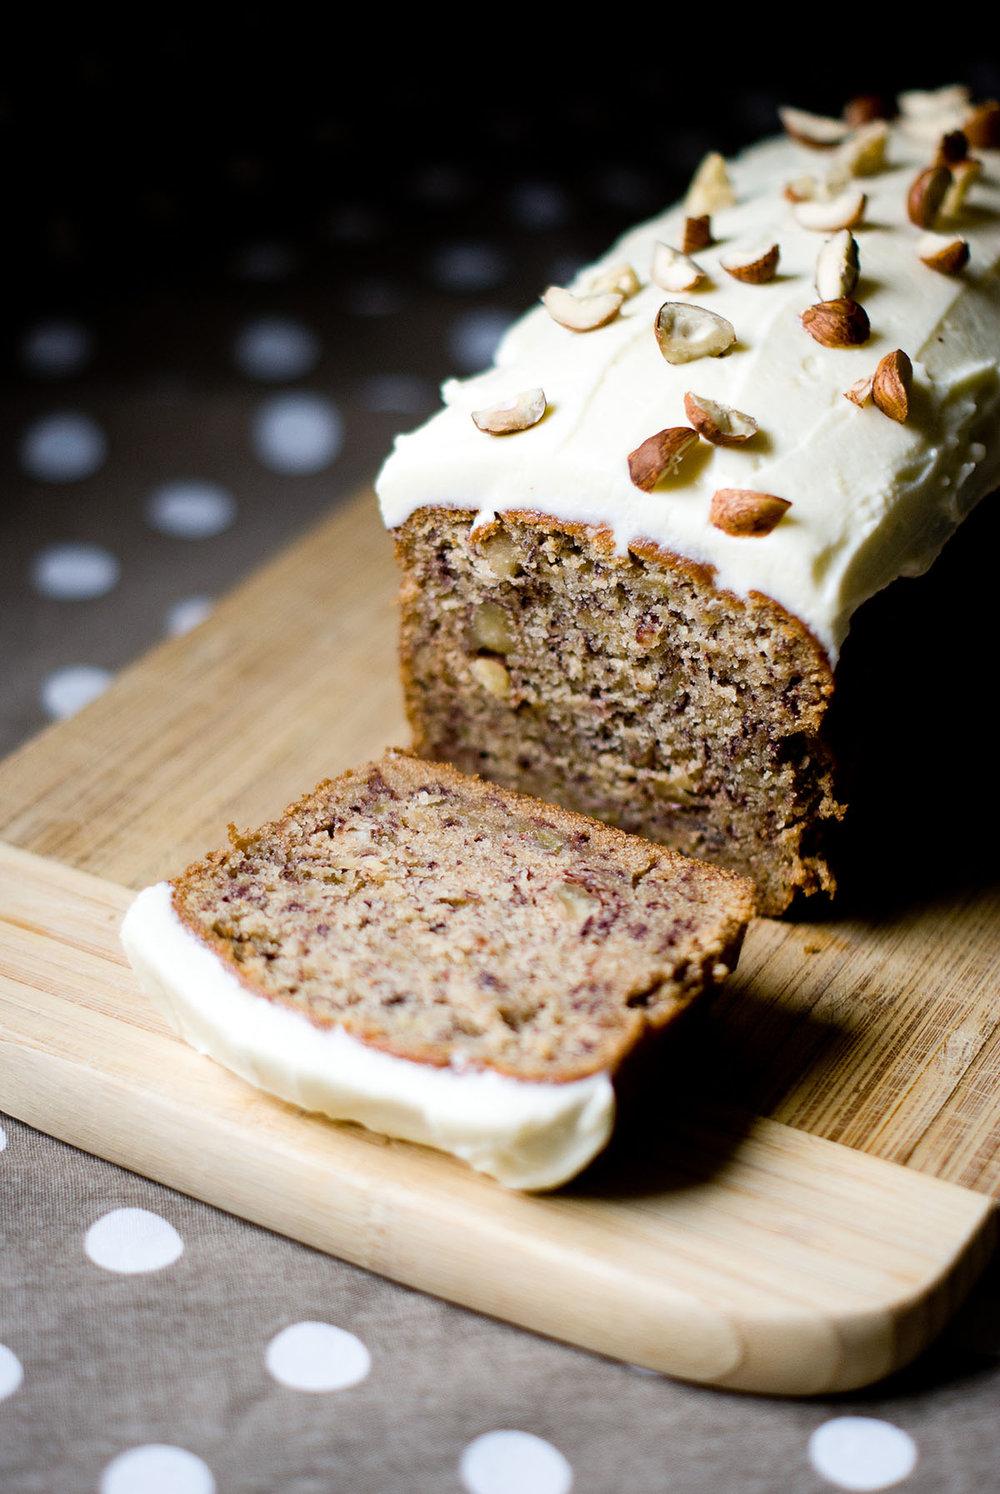 Découvrez la délicieuse recette du Banana Bread aux Noisettes & Cannelle de LilieBakery